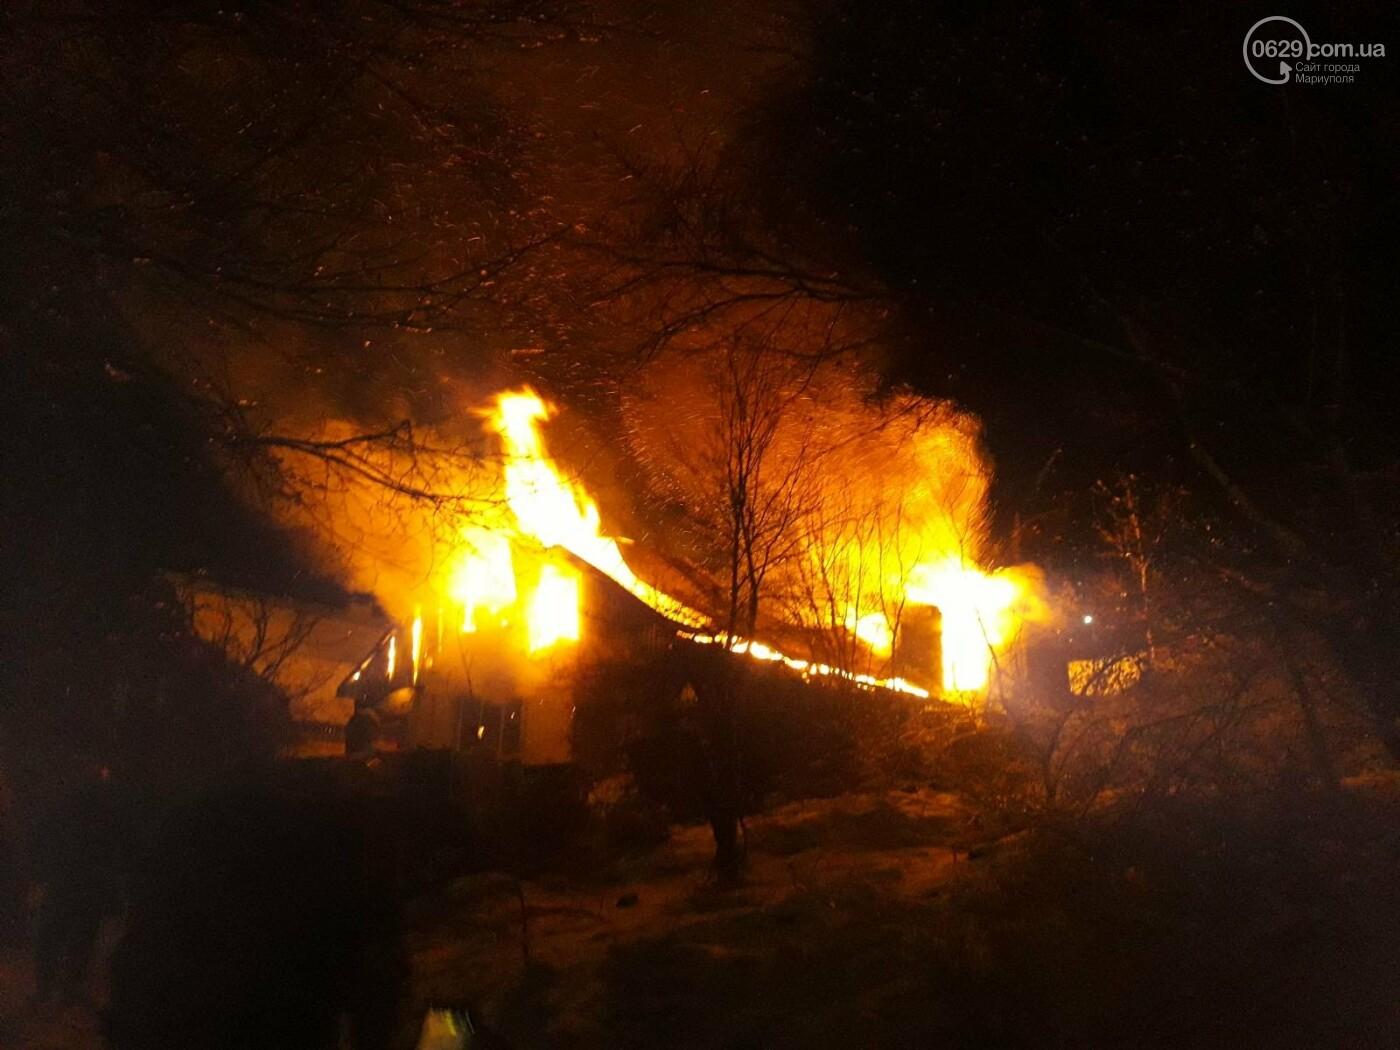 В Мариуполе полыхает частный дом. Пожарные не могут добраться к очагу возгорания, - ФОТО, ВИДЕО, фото-1